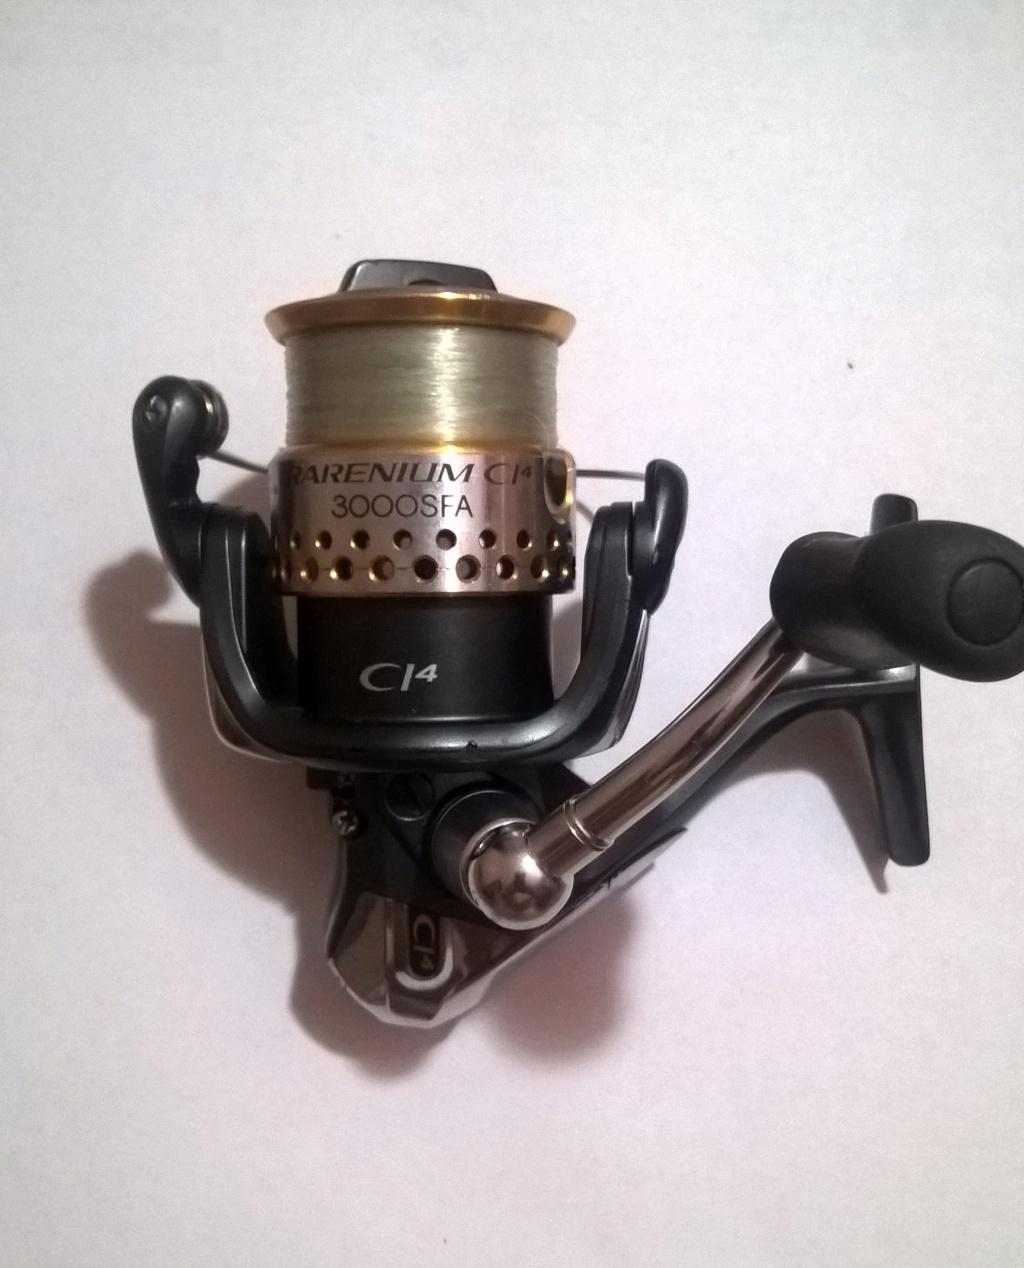 [Vendo][Usato e per pezzi di ricambio] Shimano Rarenium 3000fa Wp_20116